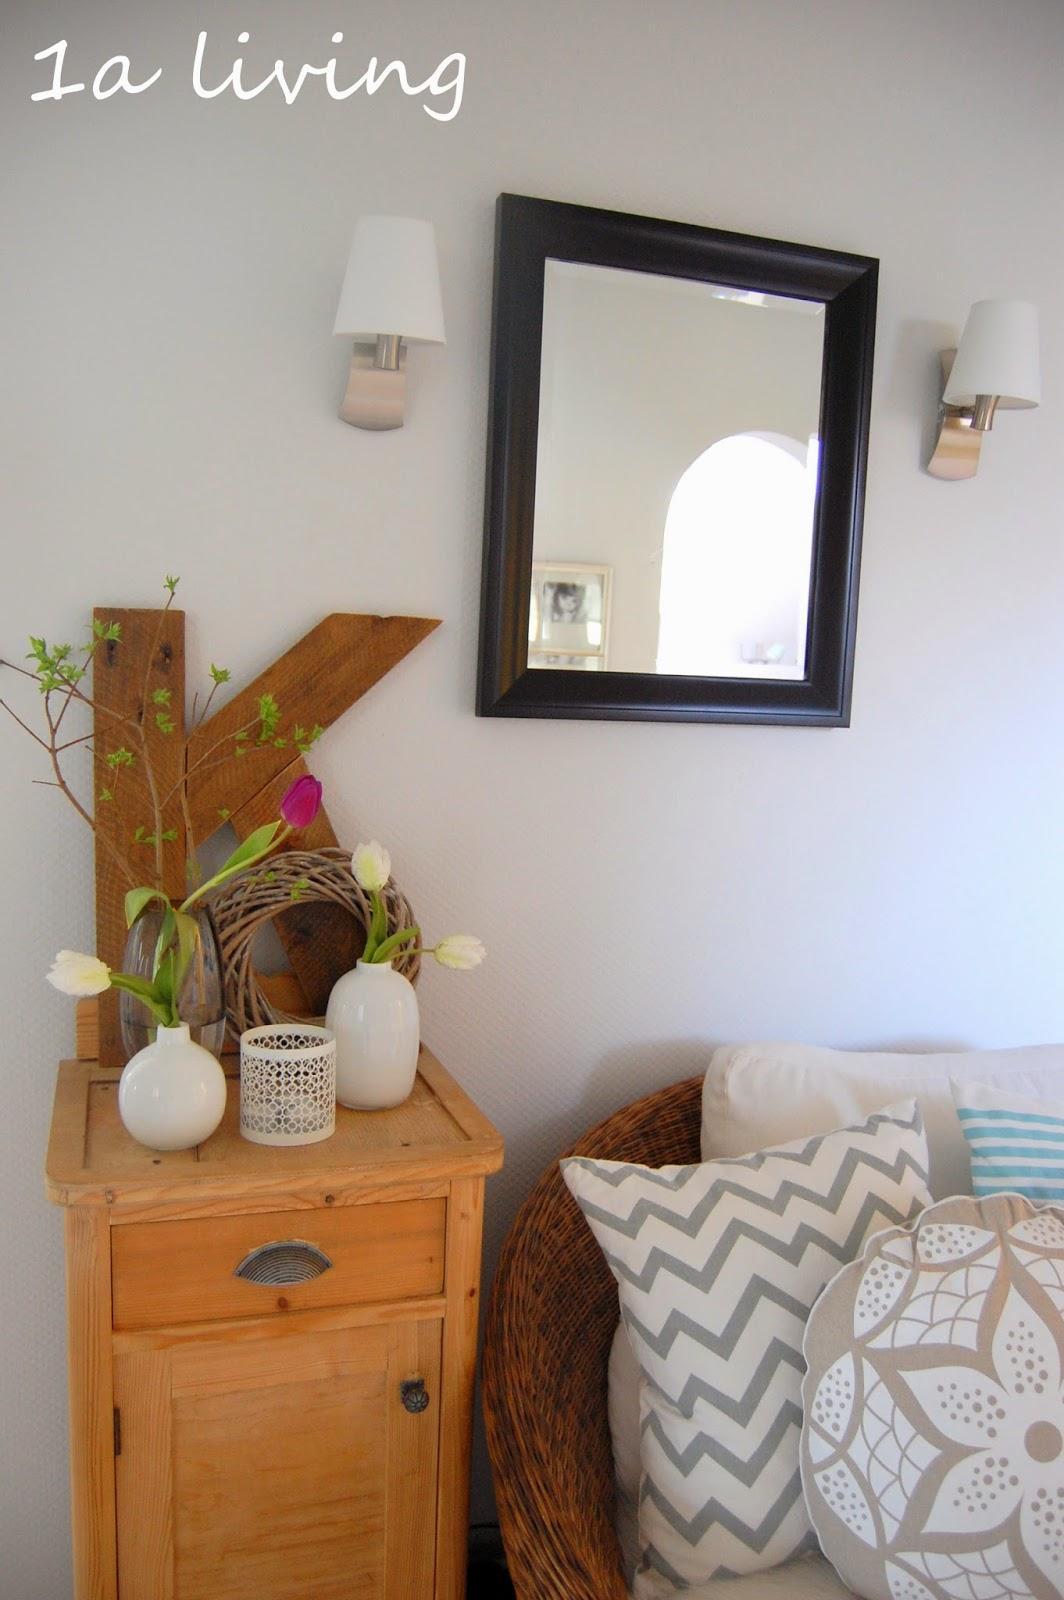 schner wohnen farbe my fossil latest schner wohnen farbe trendfarbe deep matt with schner. Black Bedroom Furniture Sets. Home Design Ideas